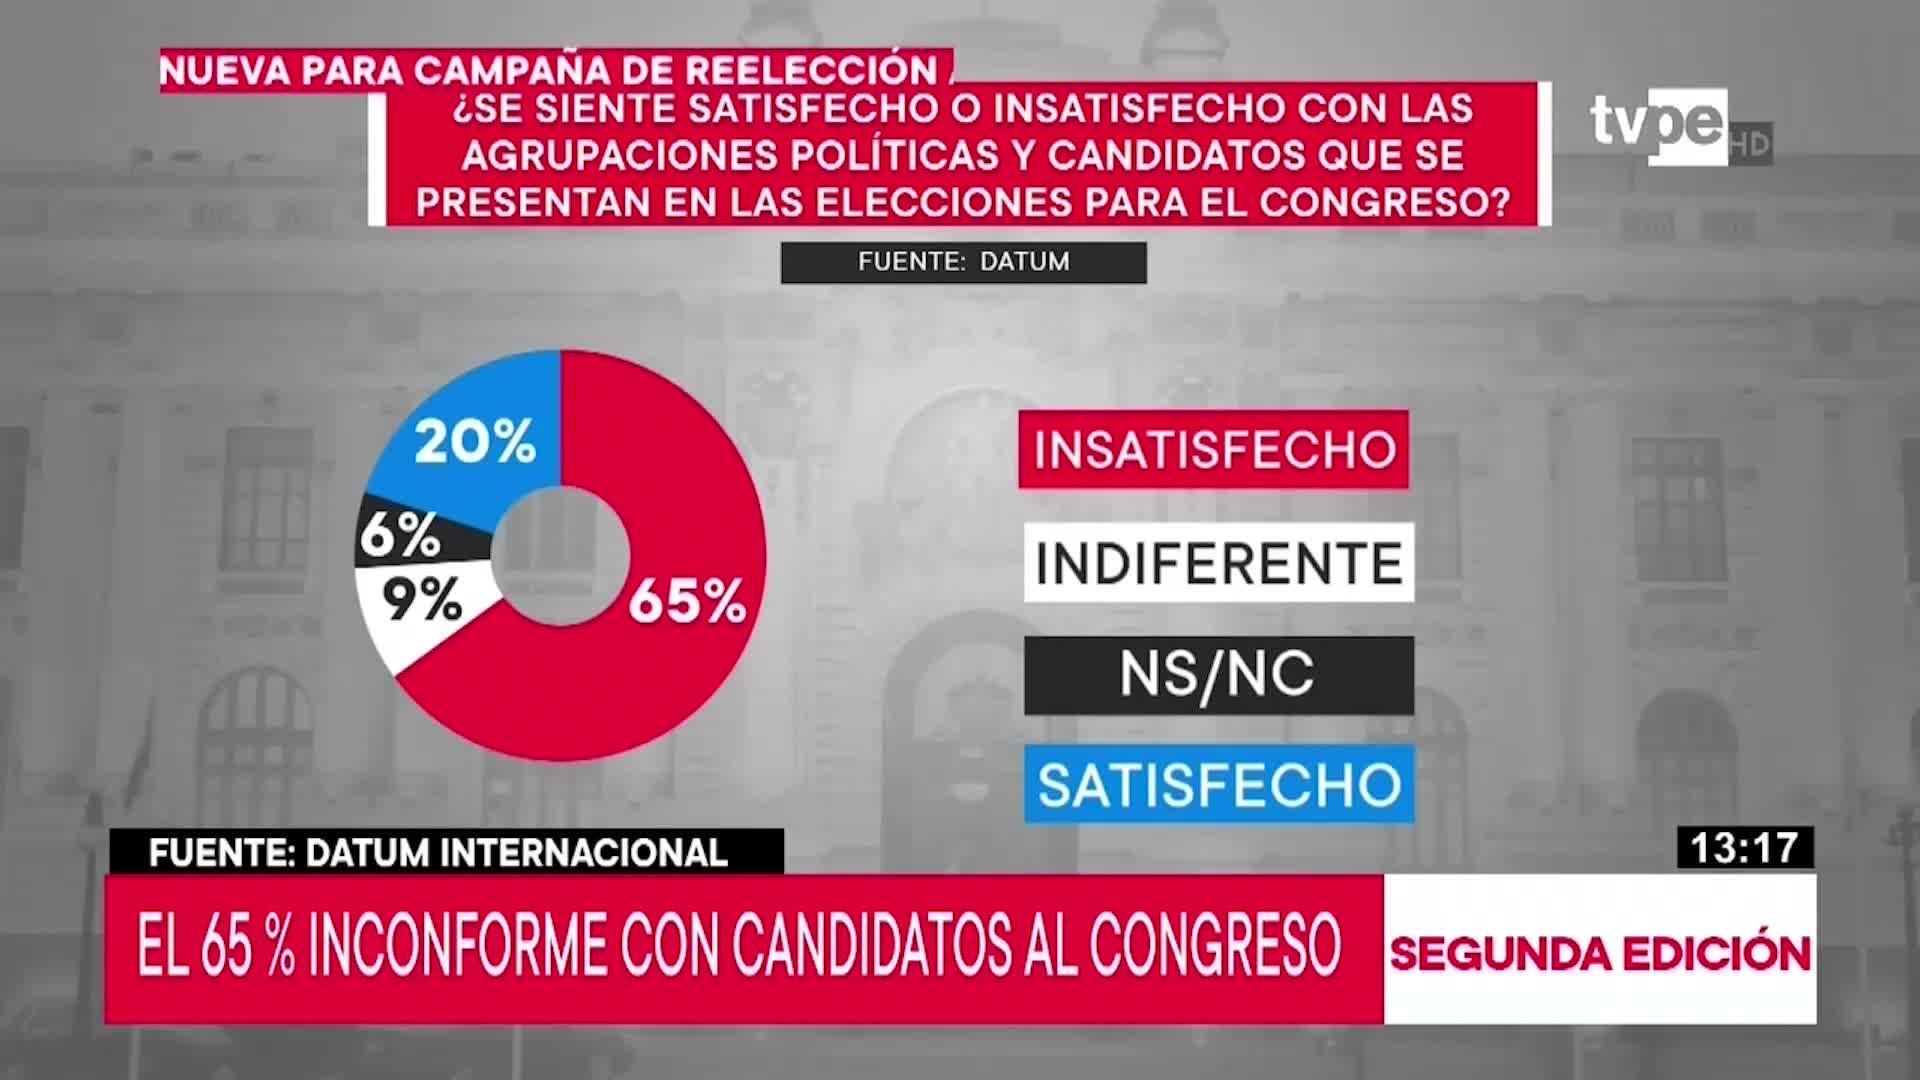 Un 65 % está incorforme con los candidatos al Congreso